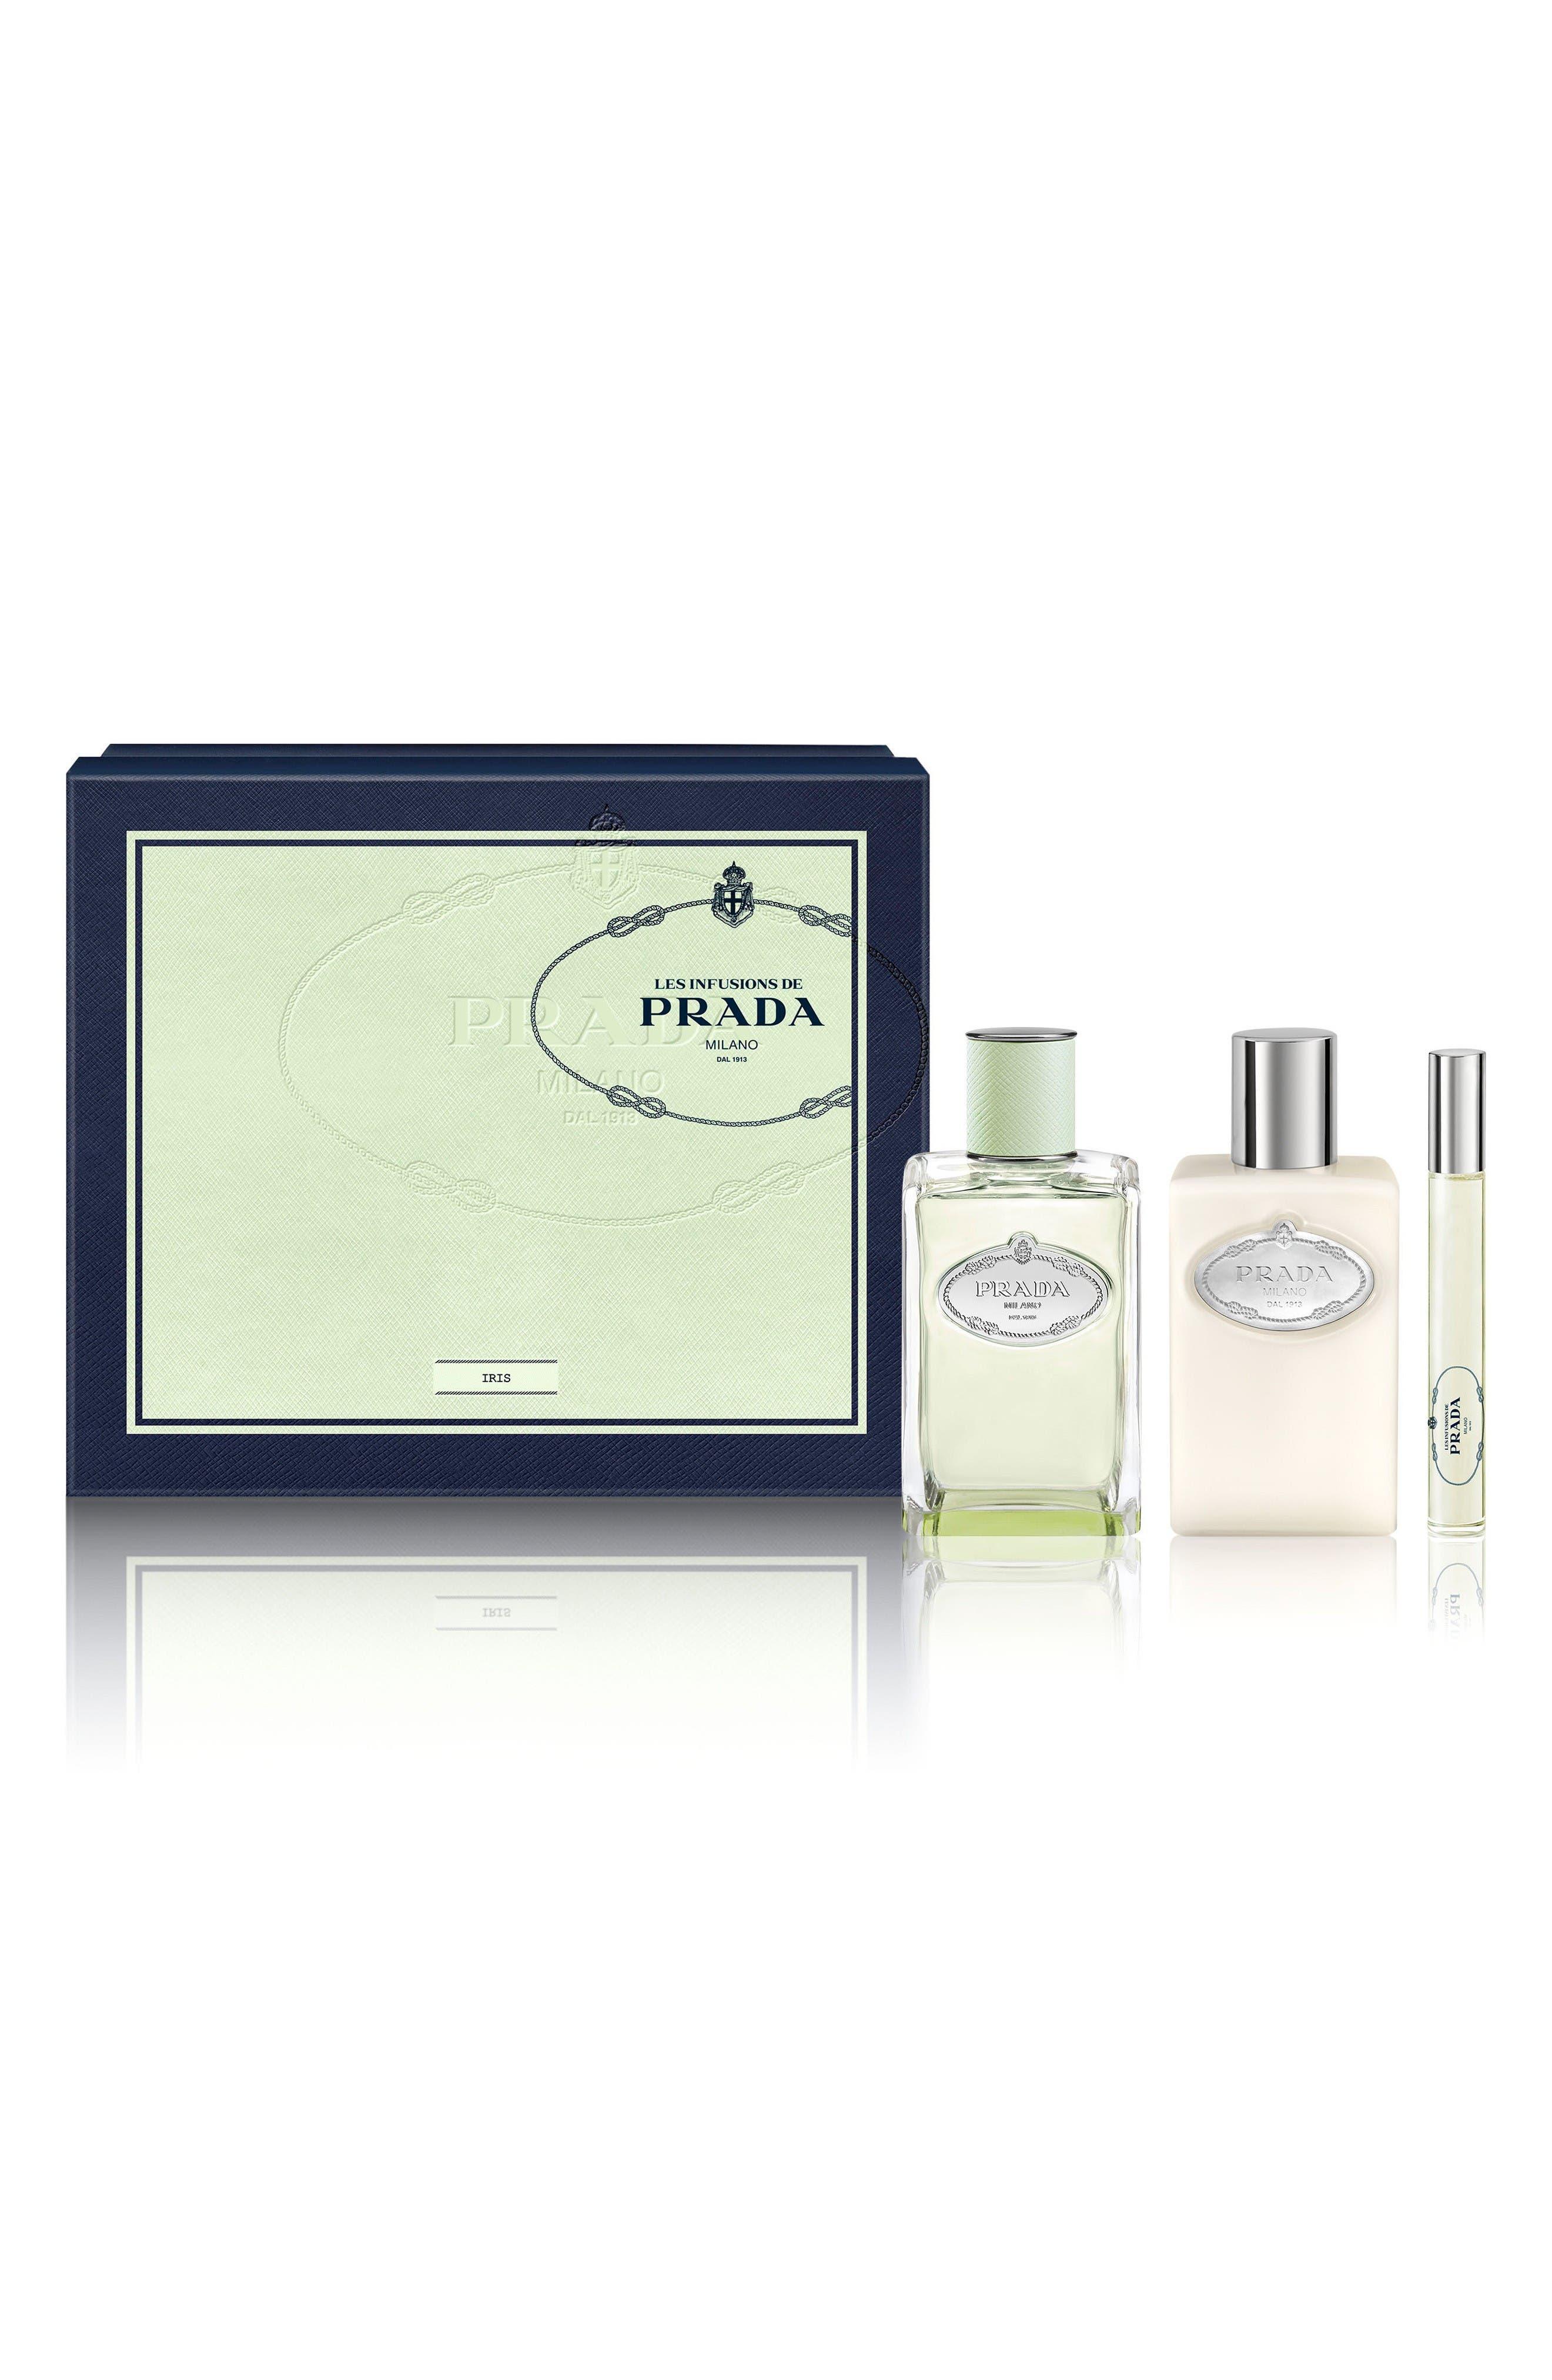 Prada Les Infusions d'Iris Eau de Parfum Set (Limited Edition) ($198 Value)